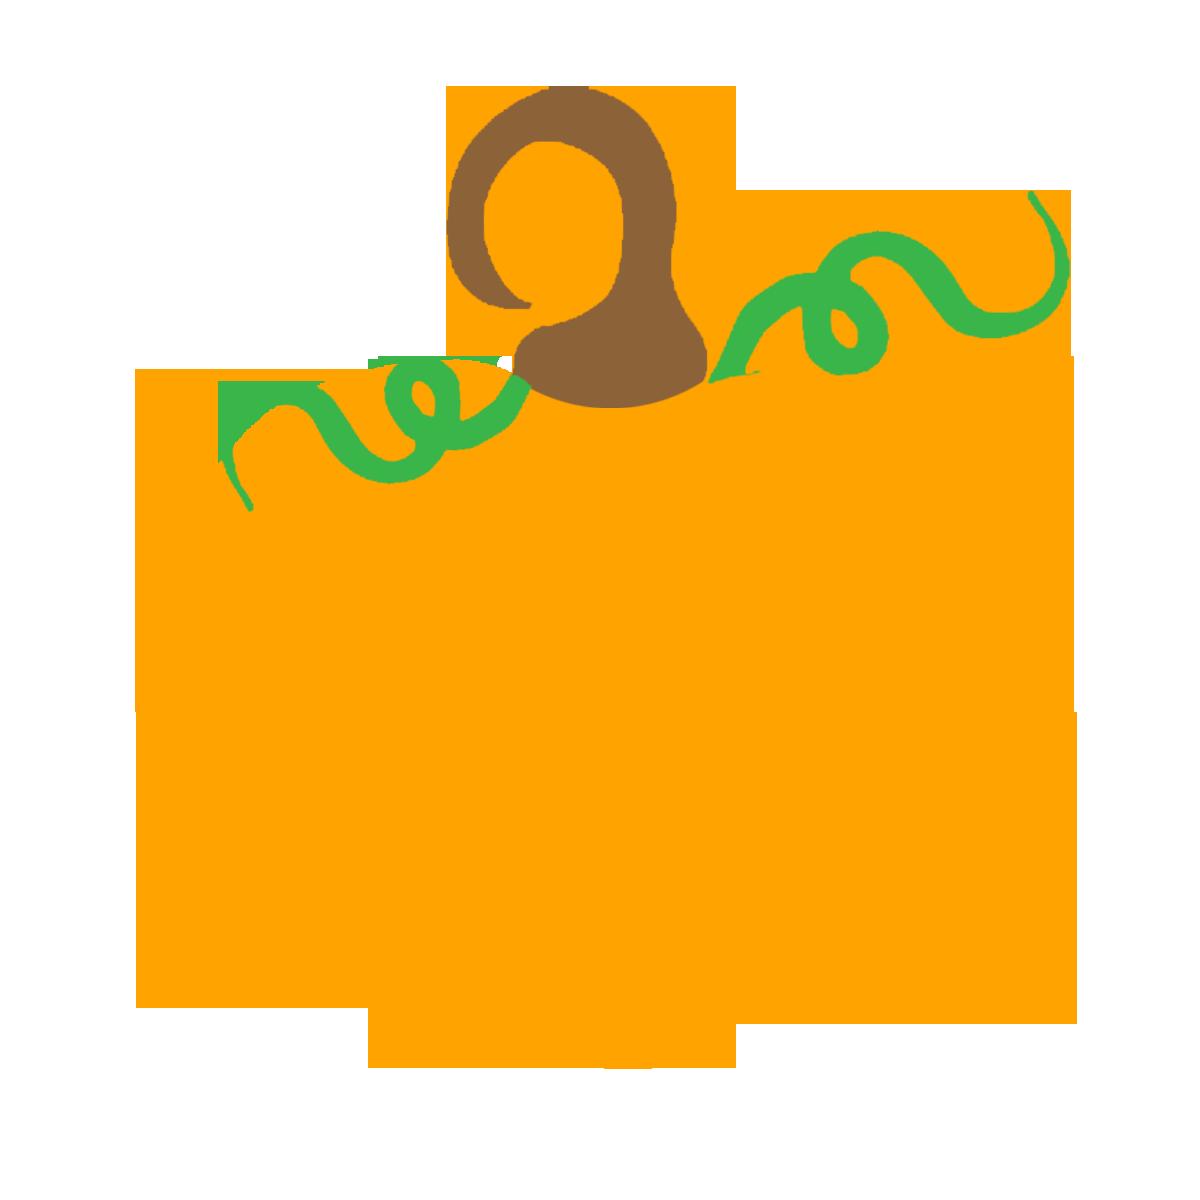 1200x1200 Halloween Pumpkin Clipart 2 Image 2